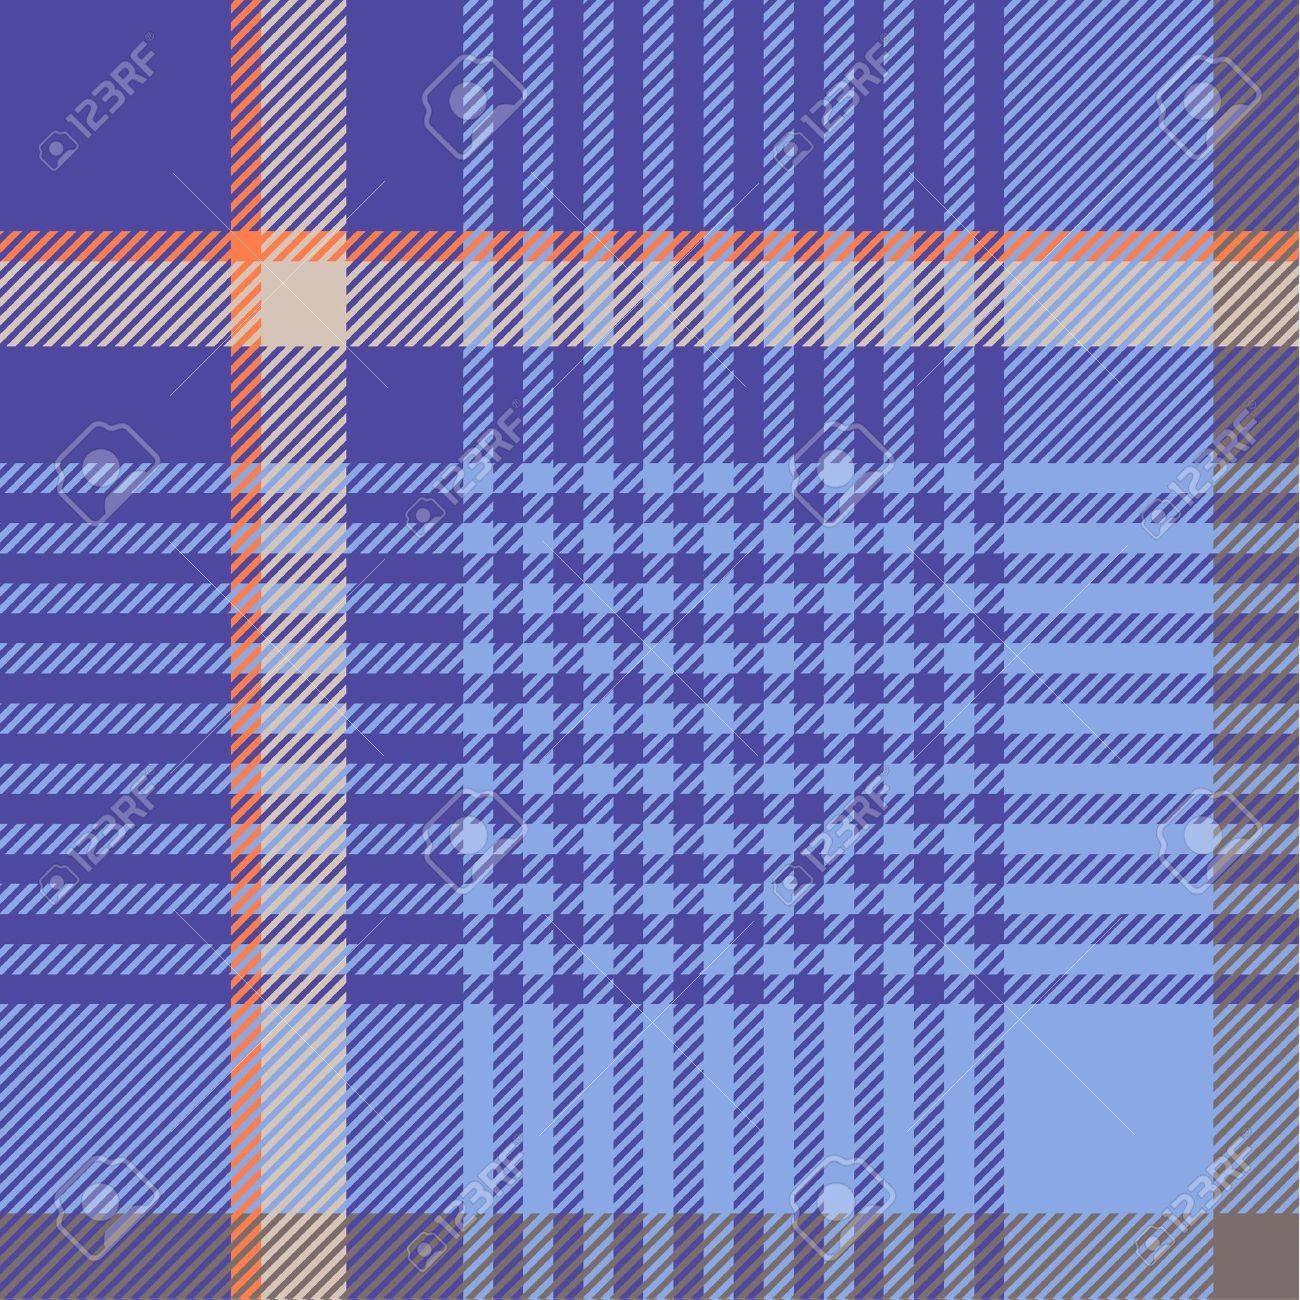 Tartan pattern Stock Vector - 14644752